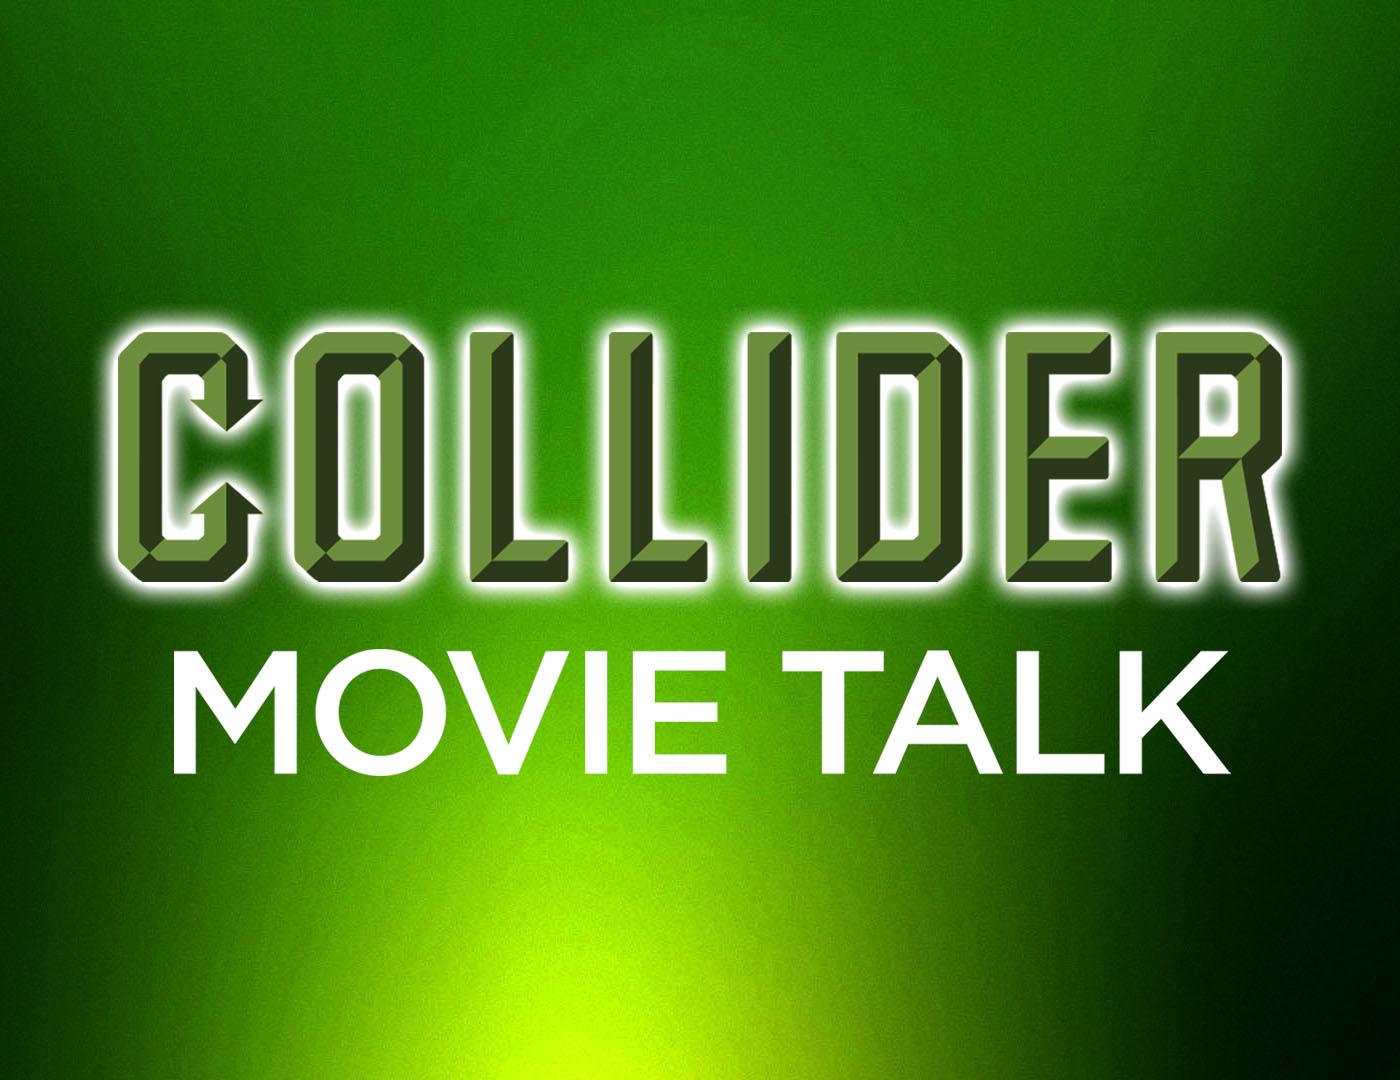 Collider Movie Talk - Final Show Of 2015